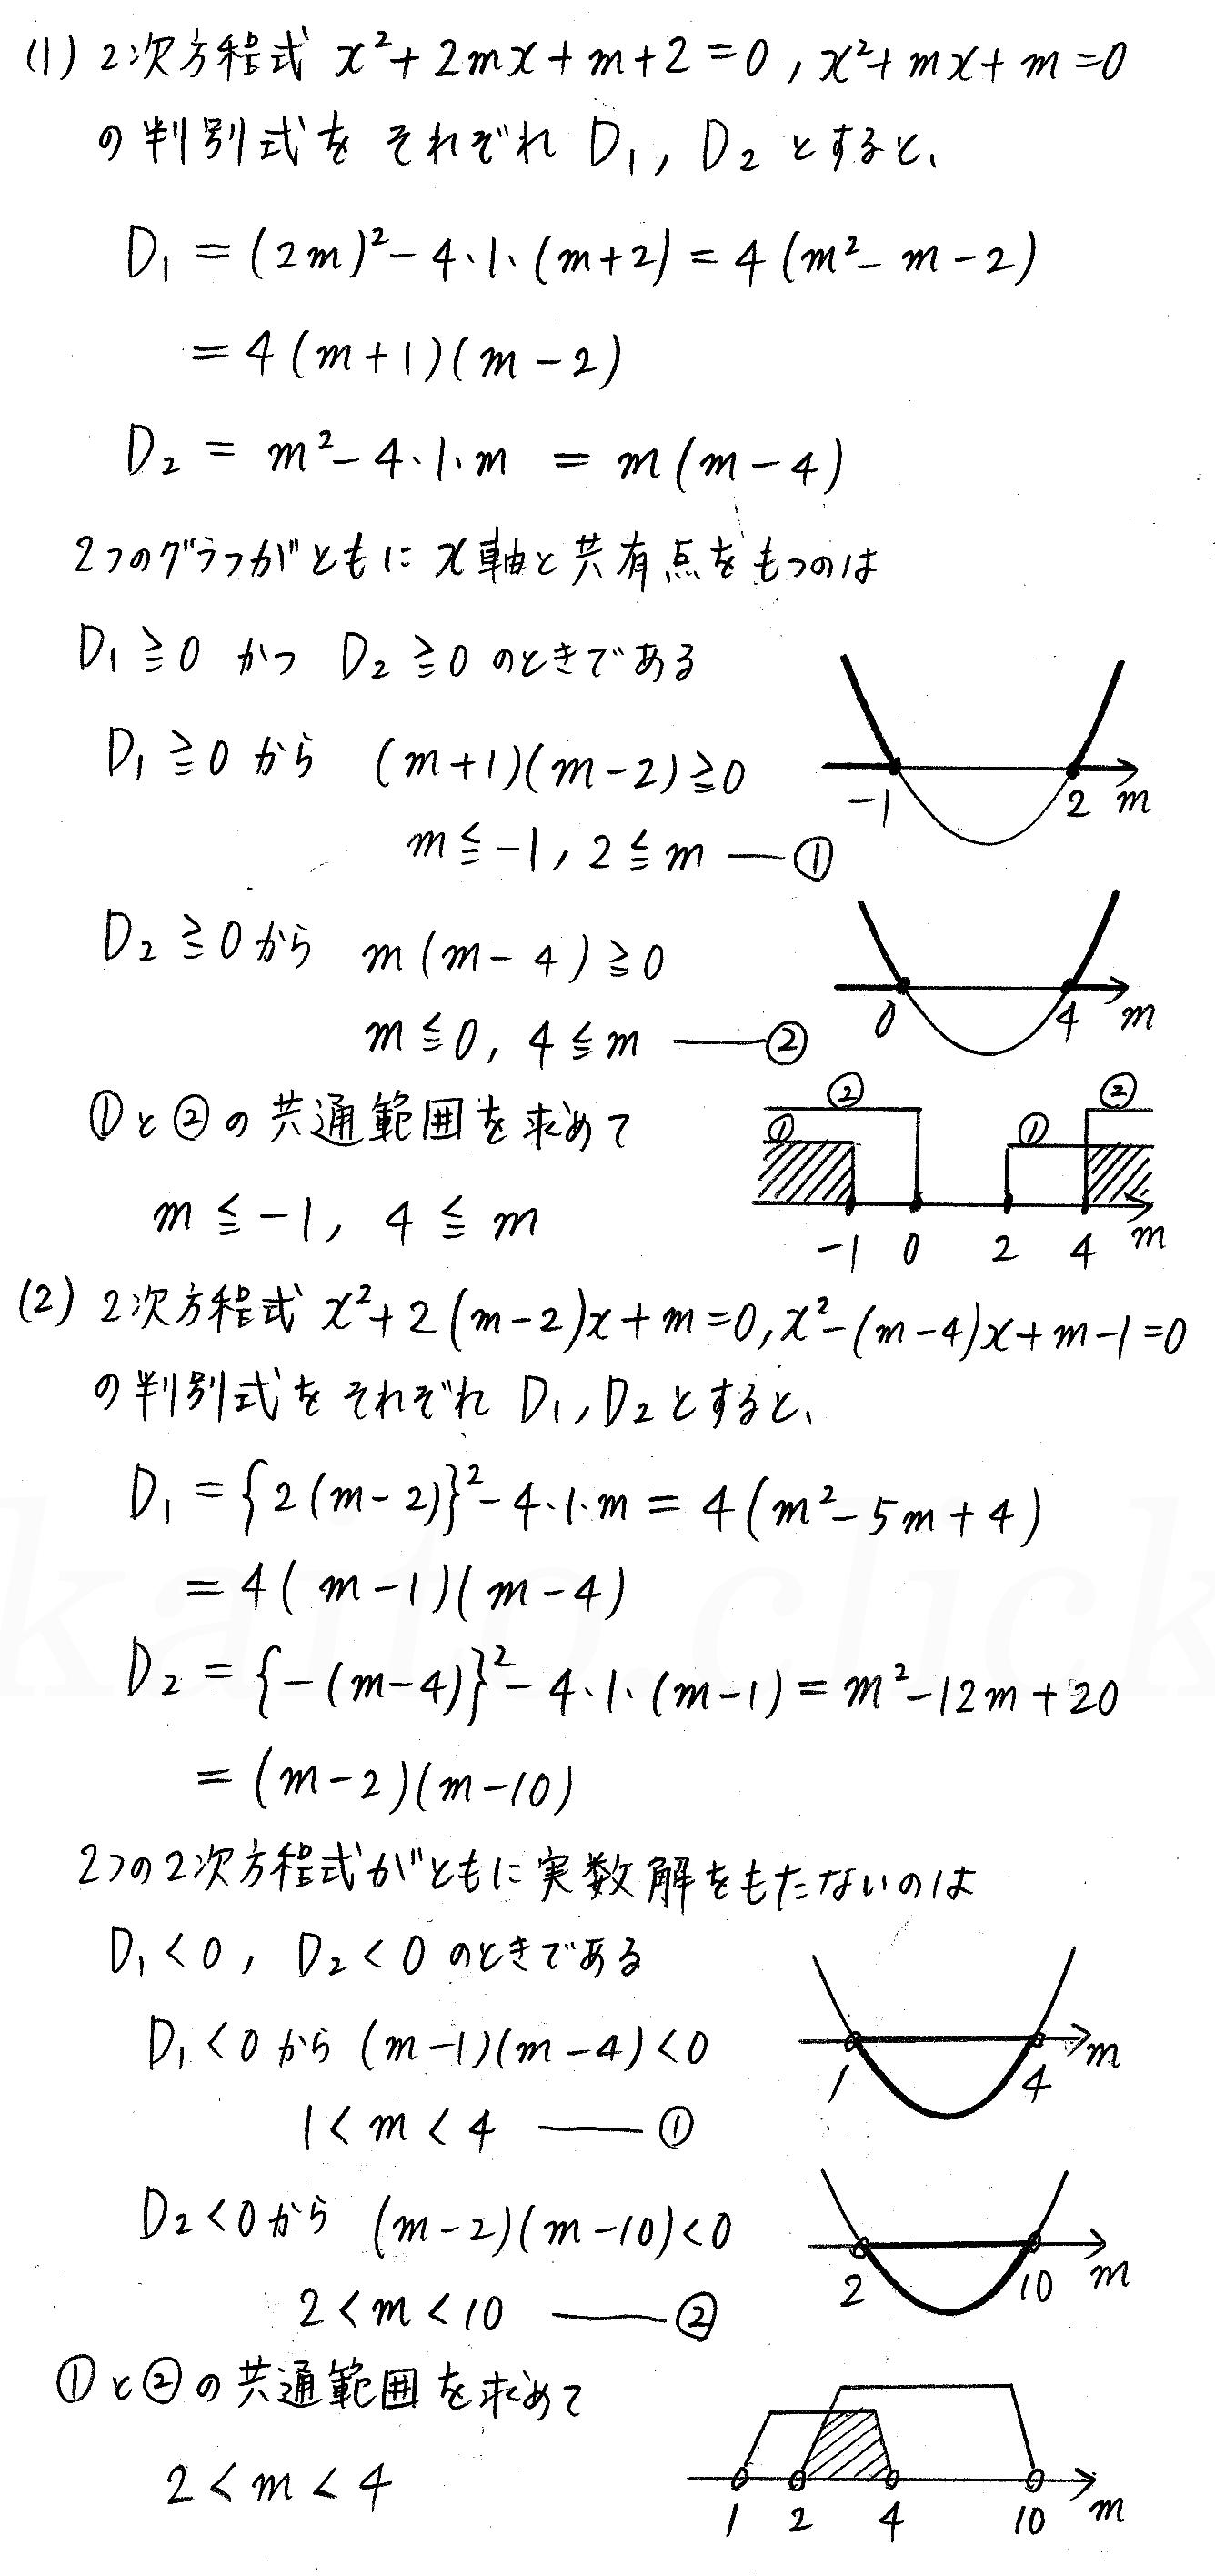 クリアー数学1-243解答